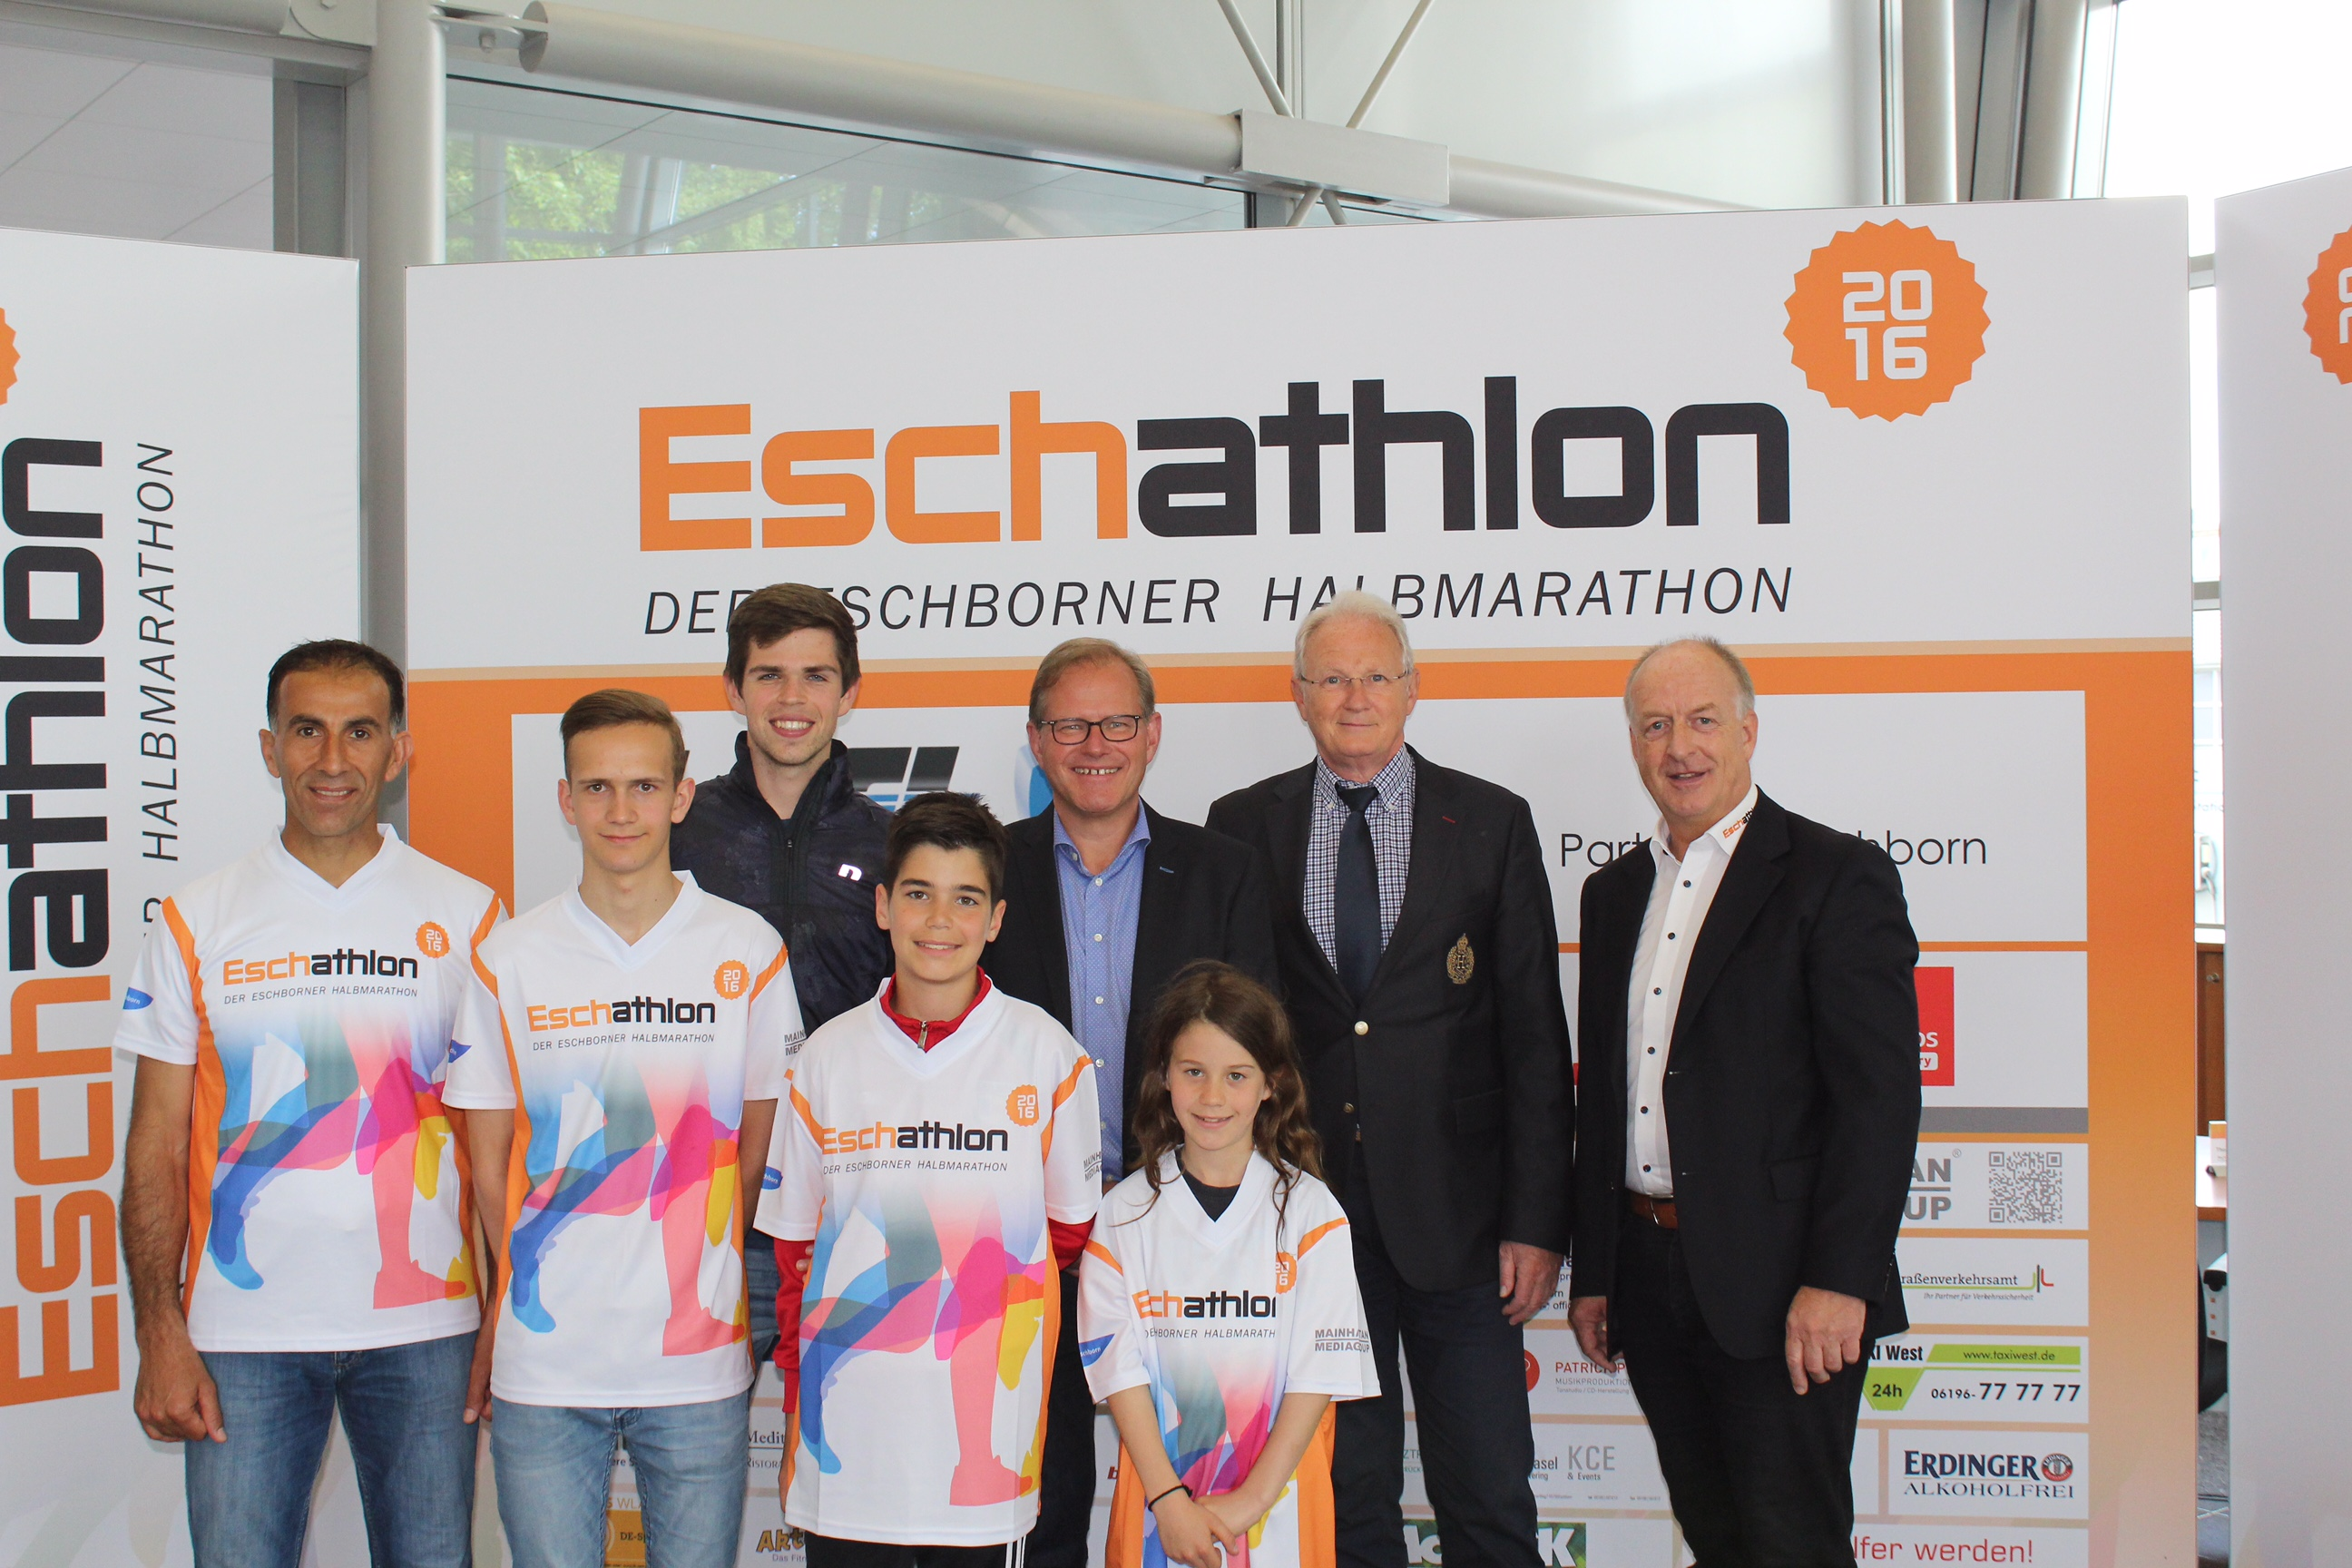 Eschathlon-Pressekonferenz2